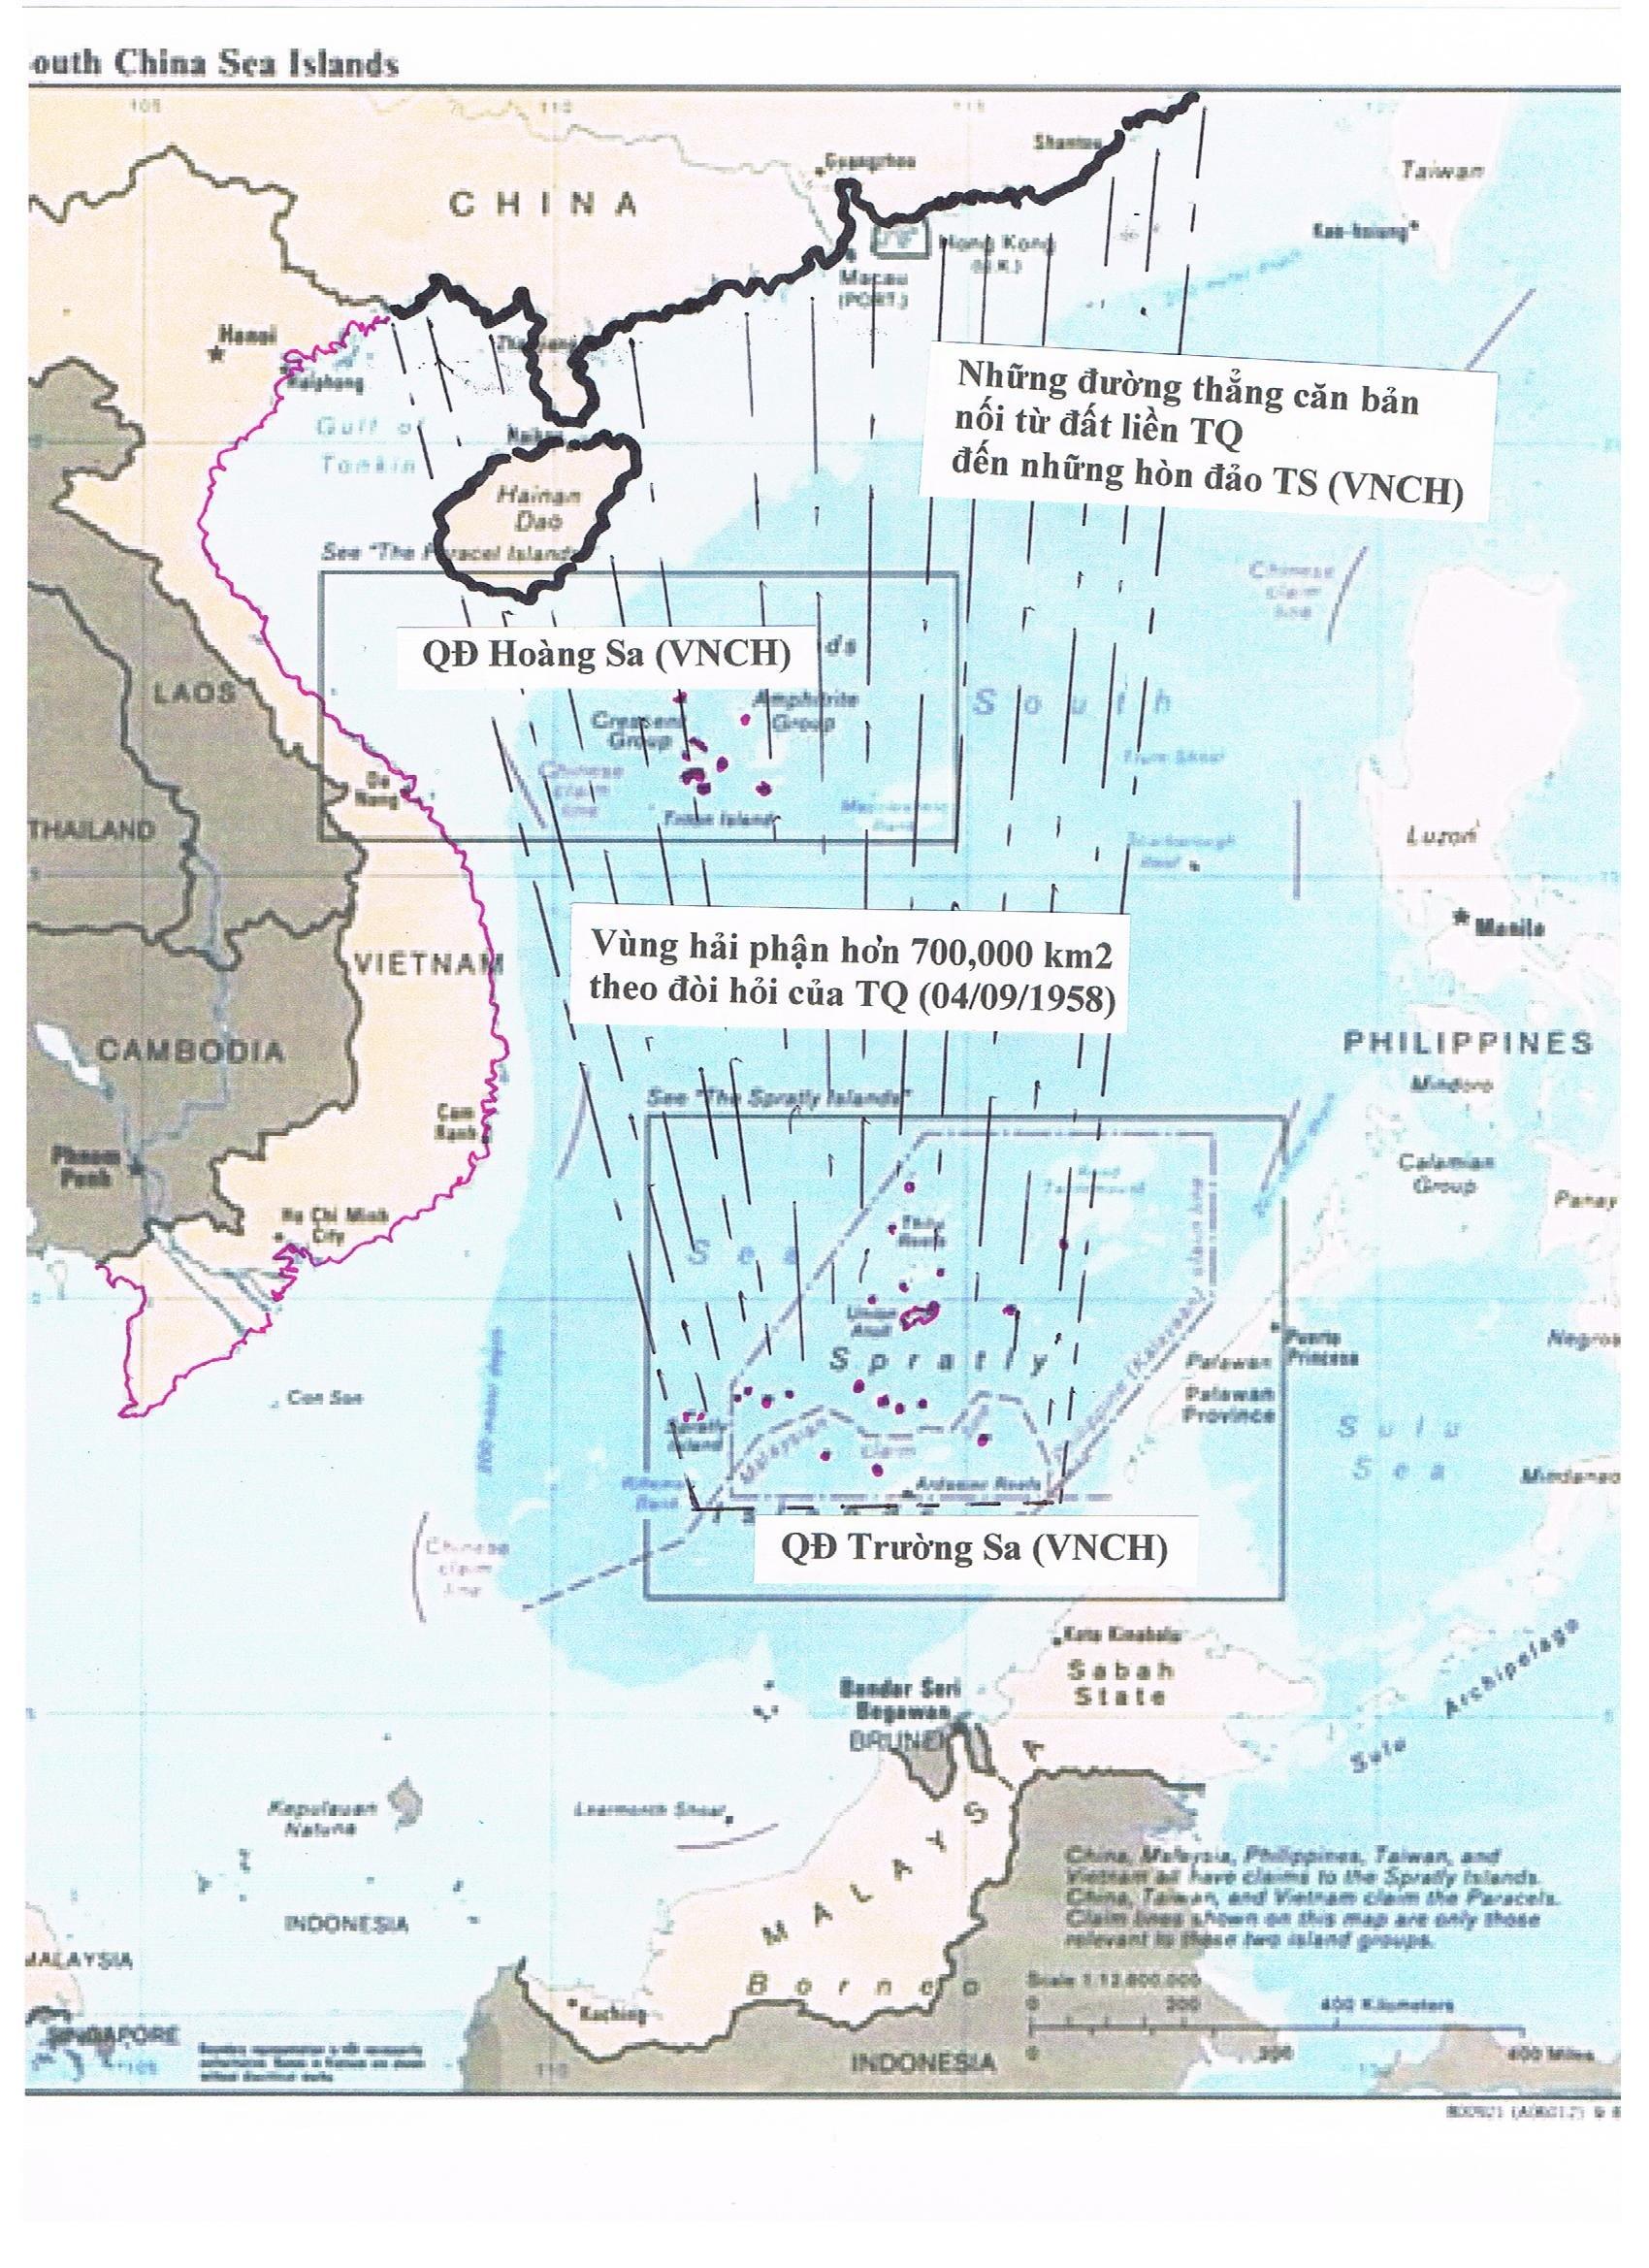 Một phần tuyên bố chủ quyền trên biển của Trung Quốc [trên biền Đông Việt Nam]